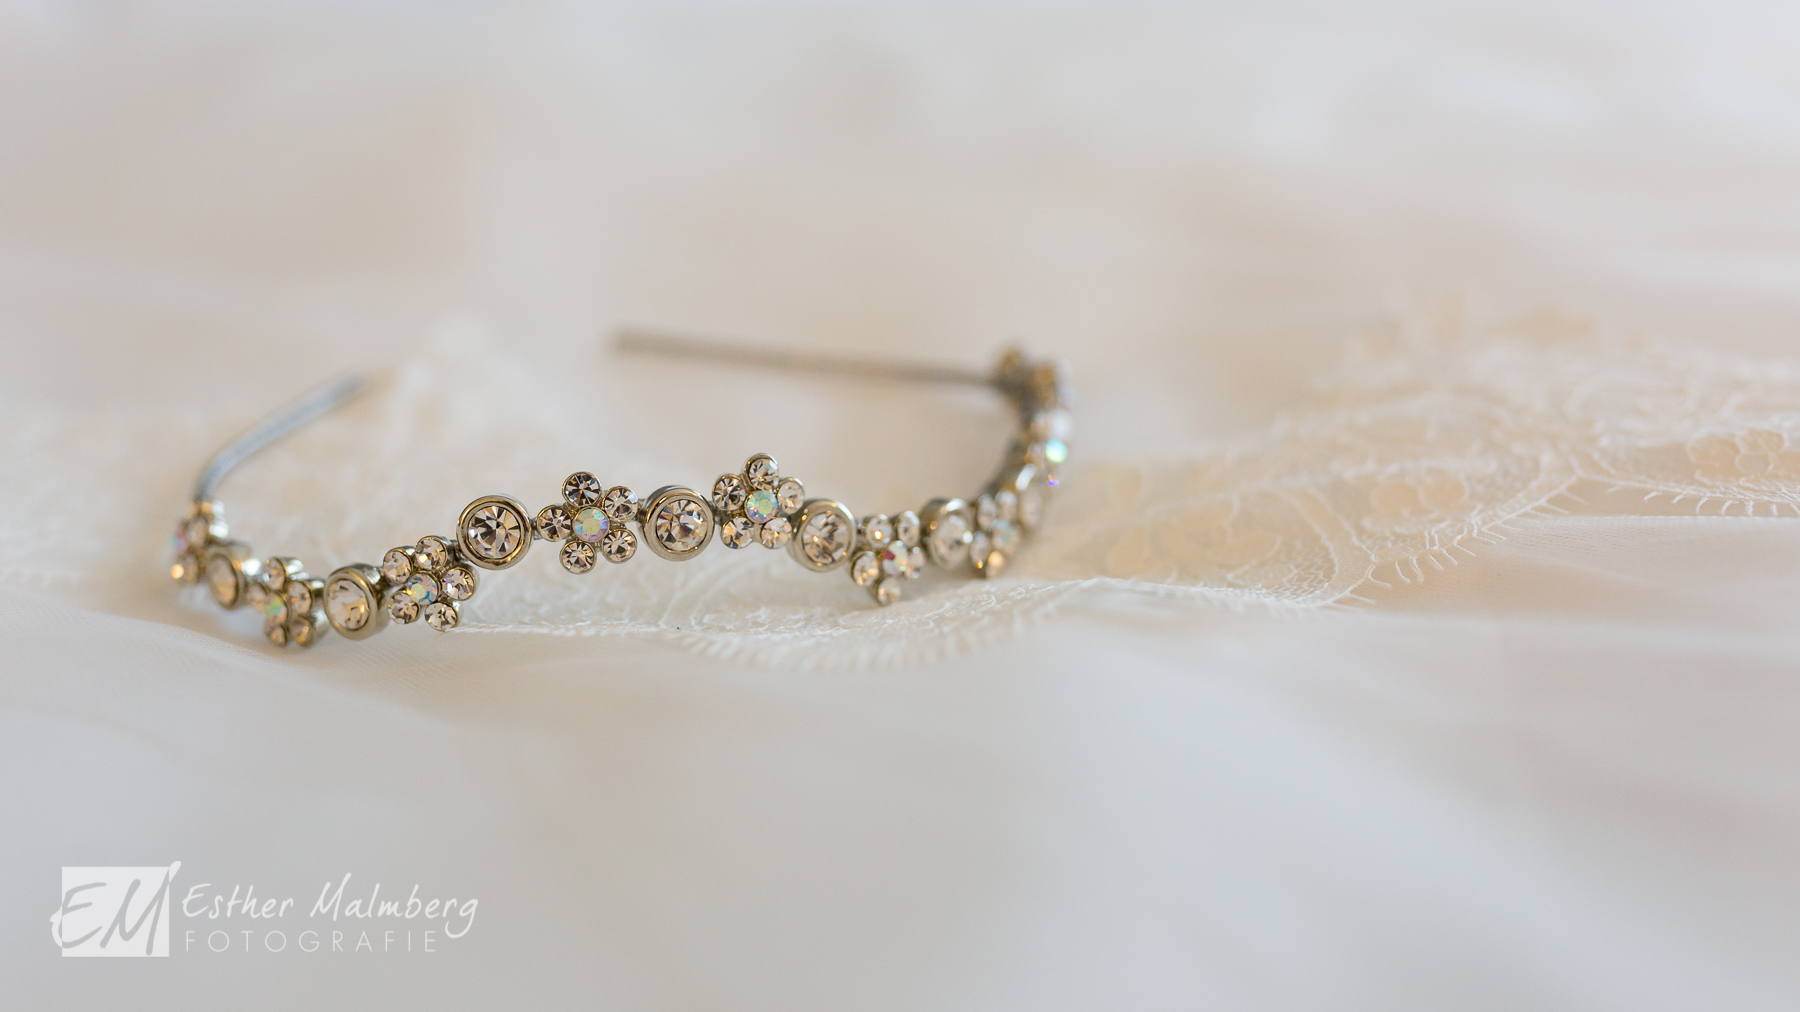 Bruidsreportage - closeup van tiara en sluier